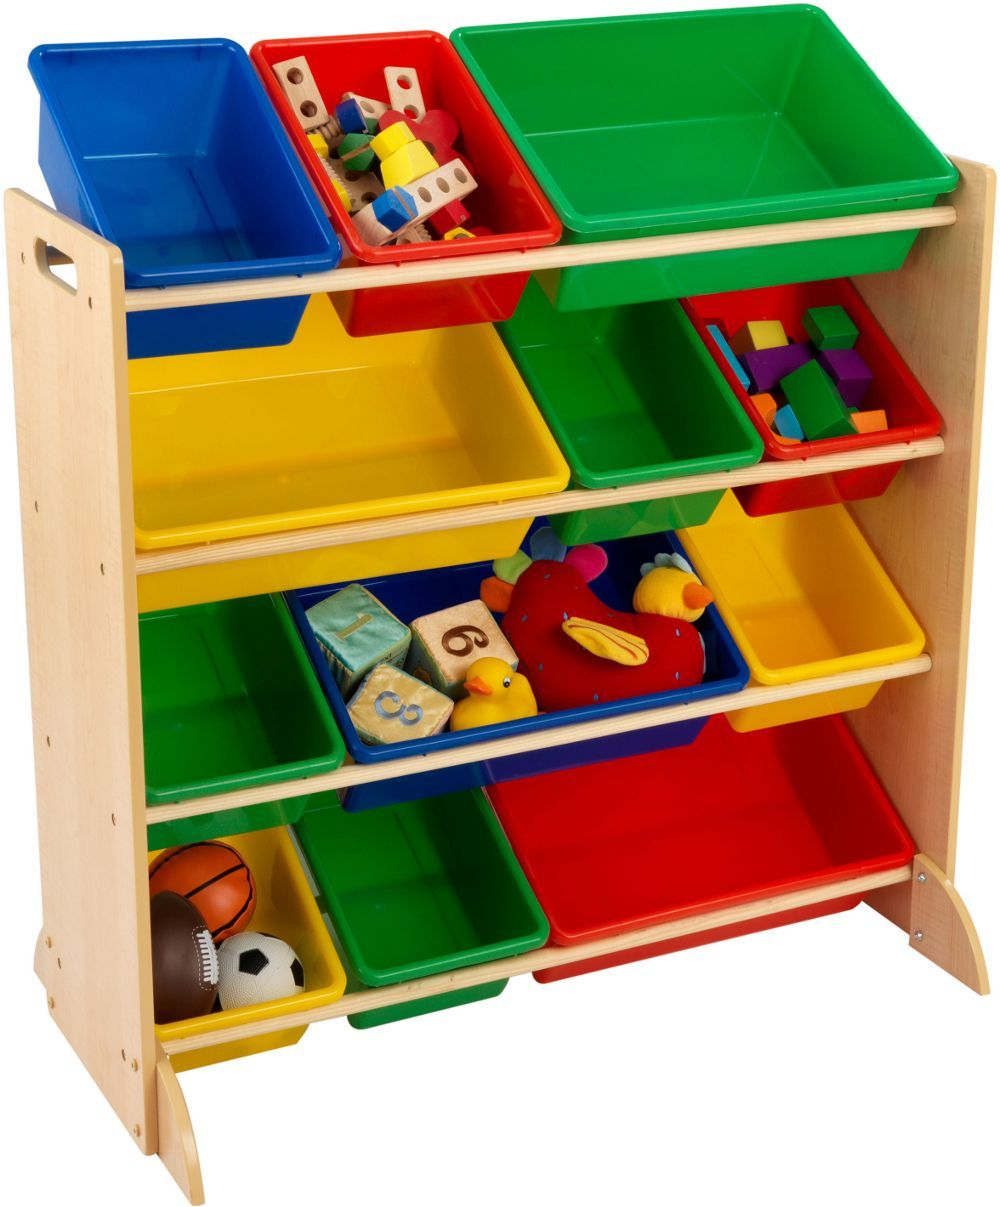 meuble rangement lego latest petite table ikea lego bleu citron meubles le gonidec rangement. Black Bedroom Furniture Sets. Home Design Ideas